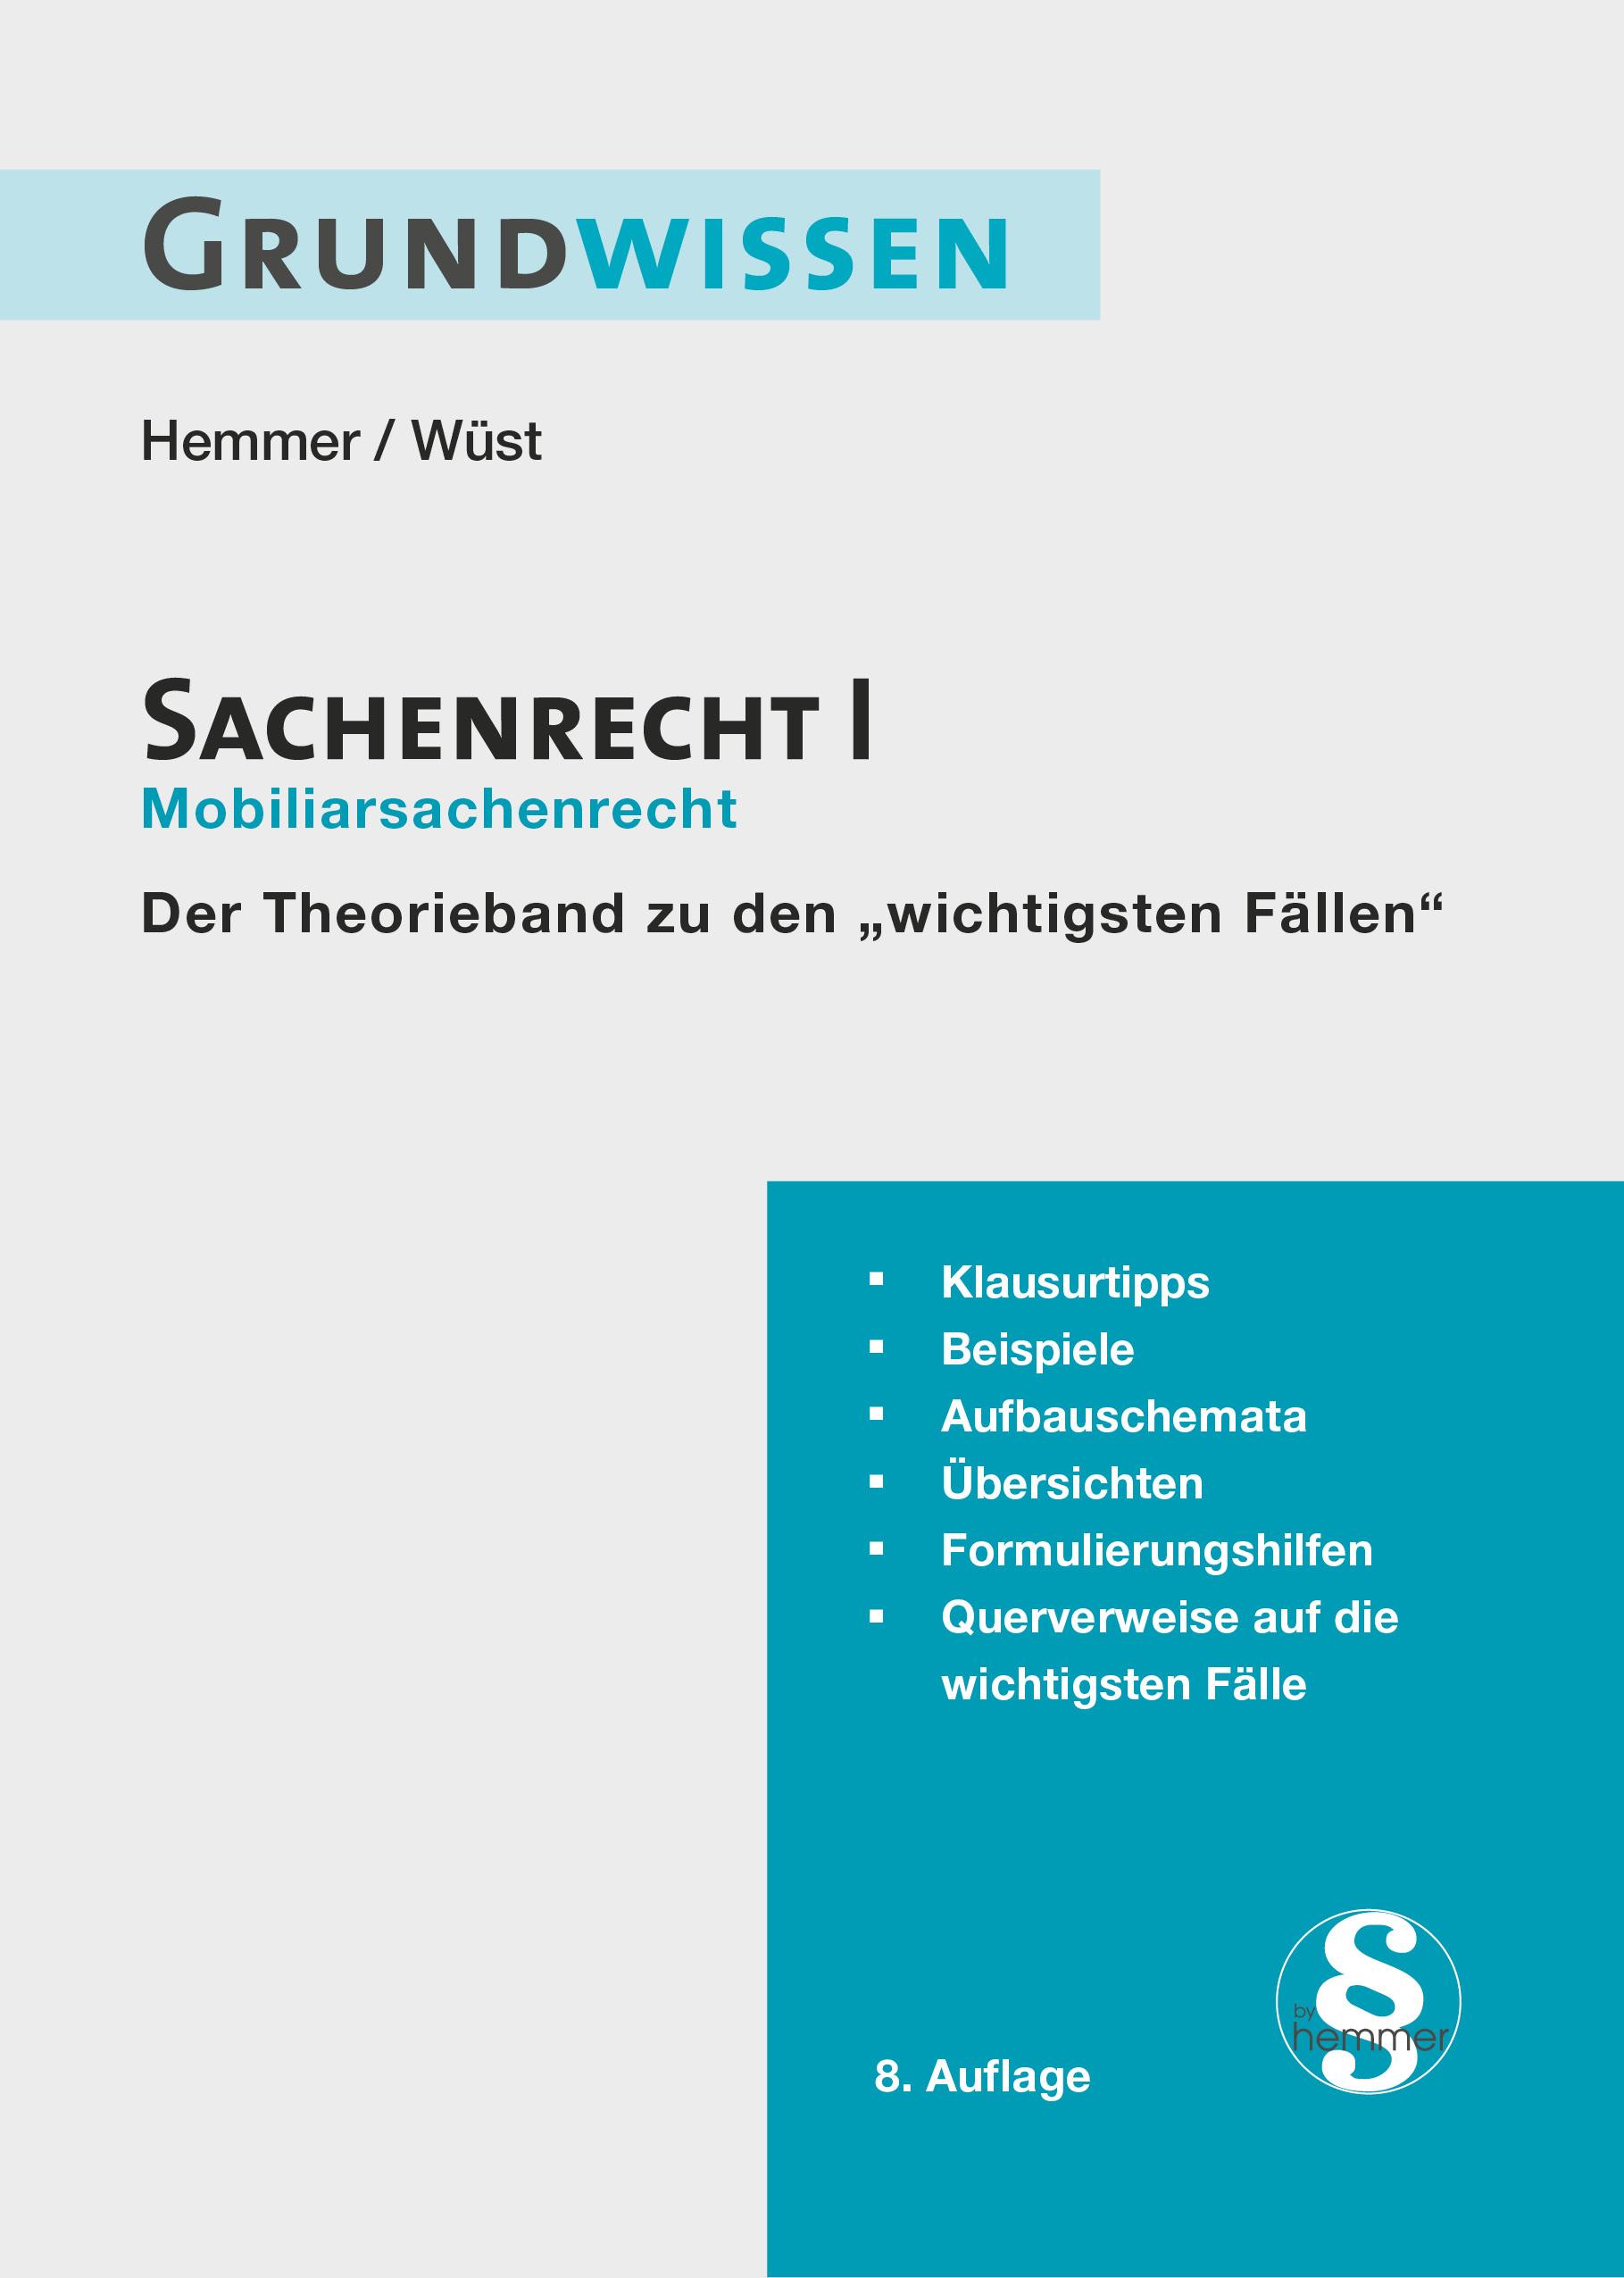 eBook Grundwissen Sachenrecht I - Mobiliarsachenrecht